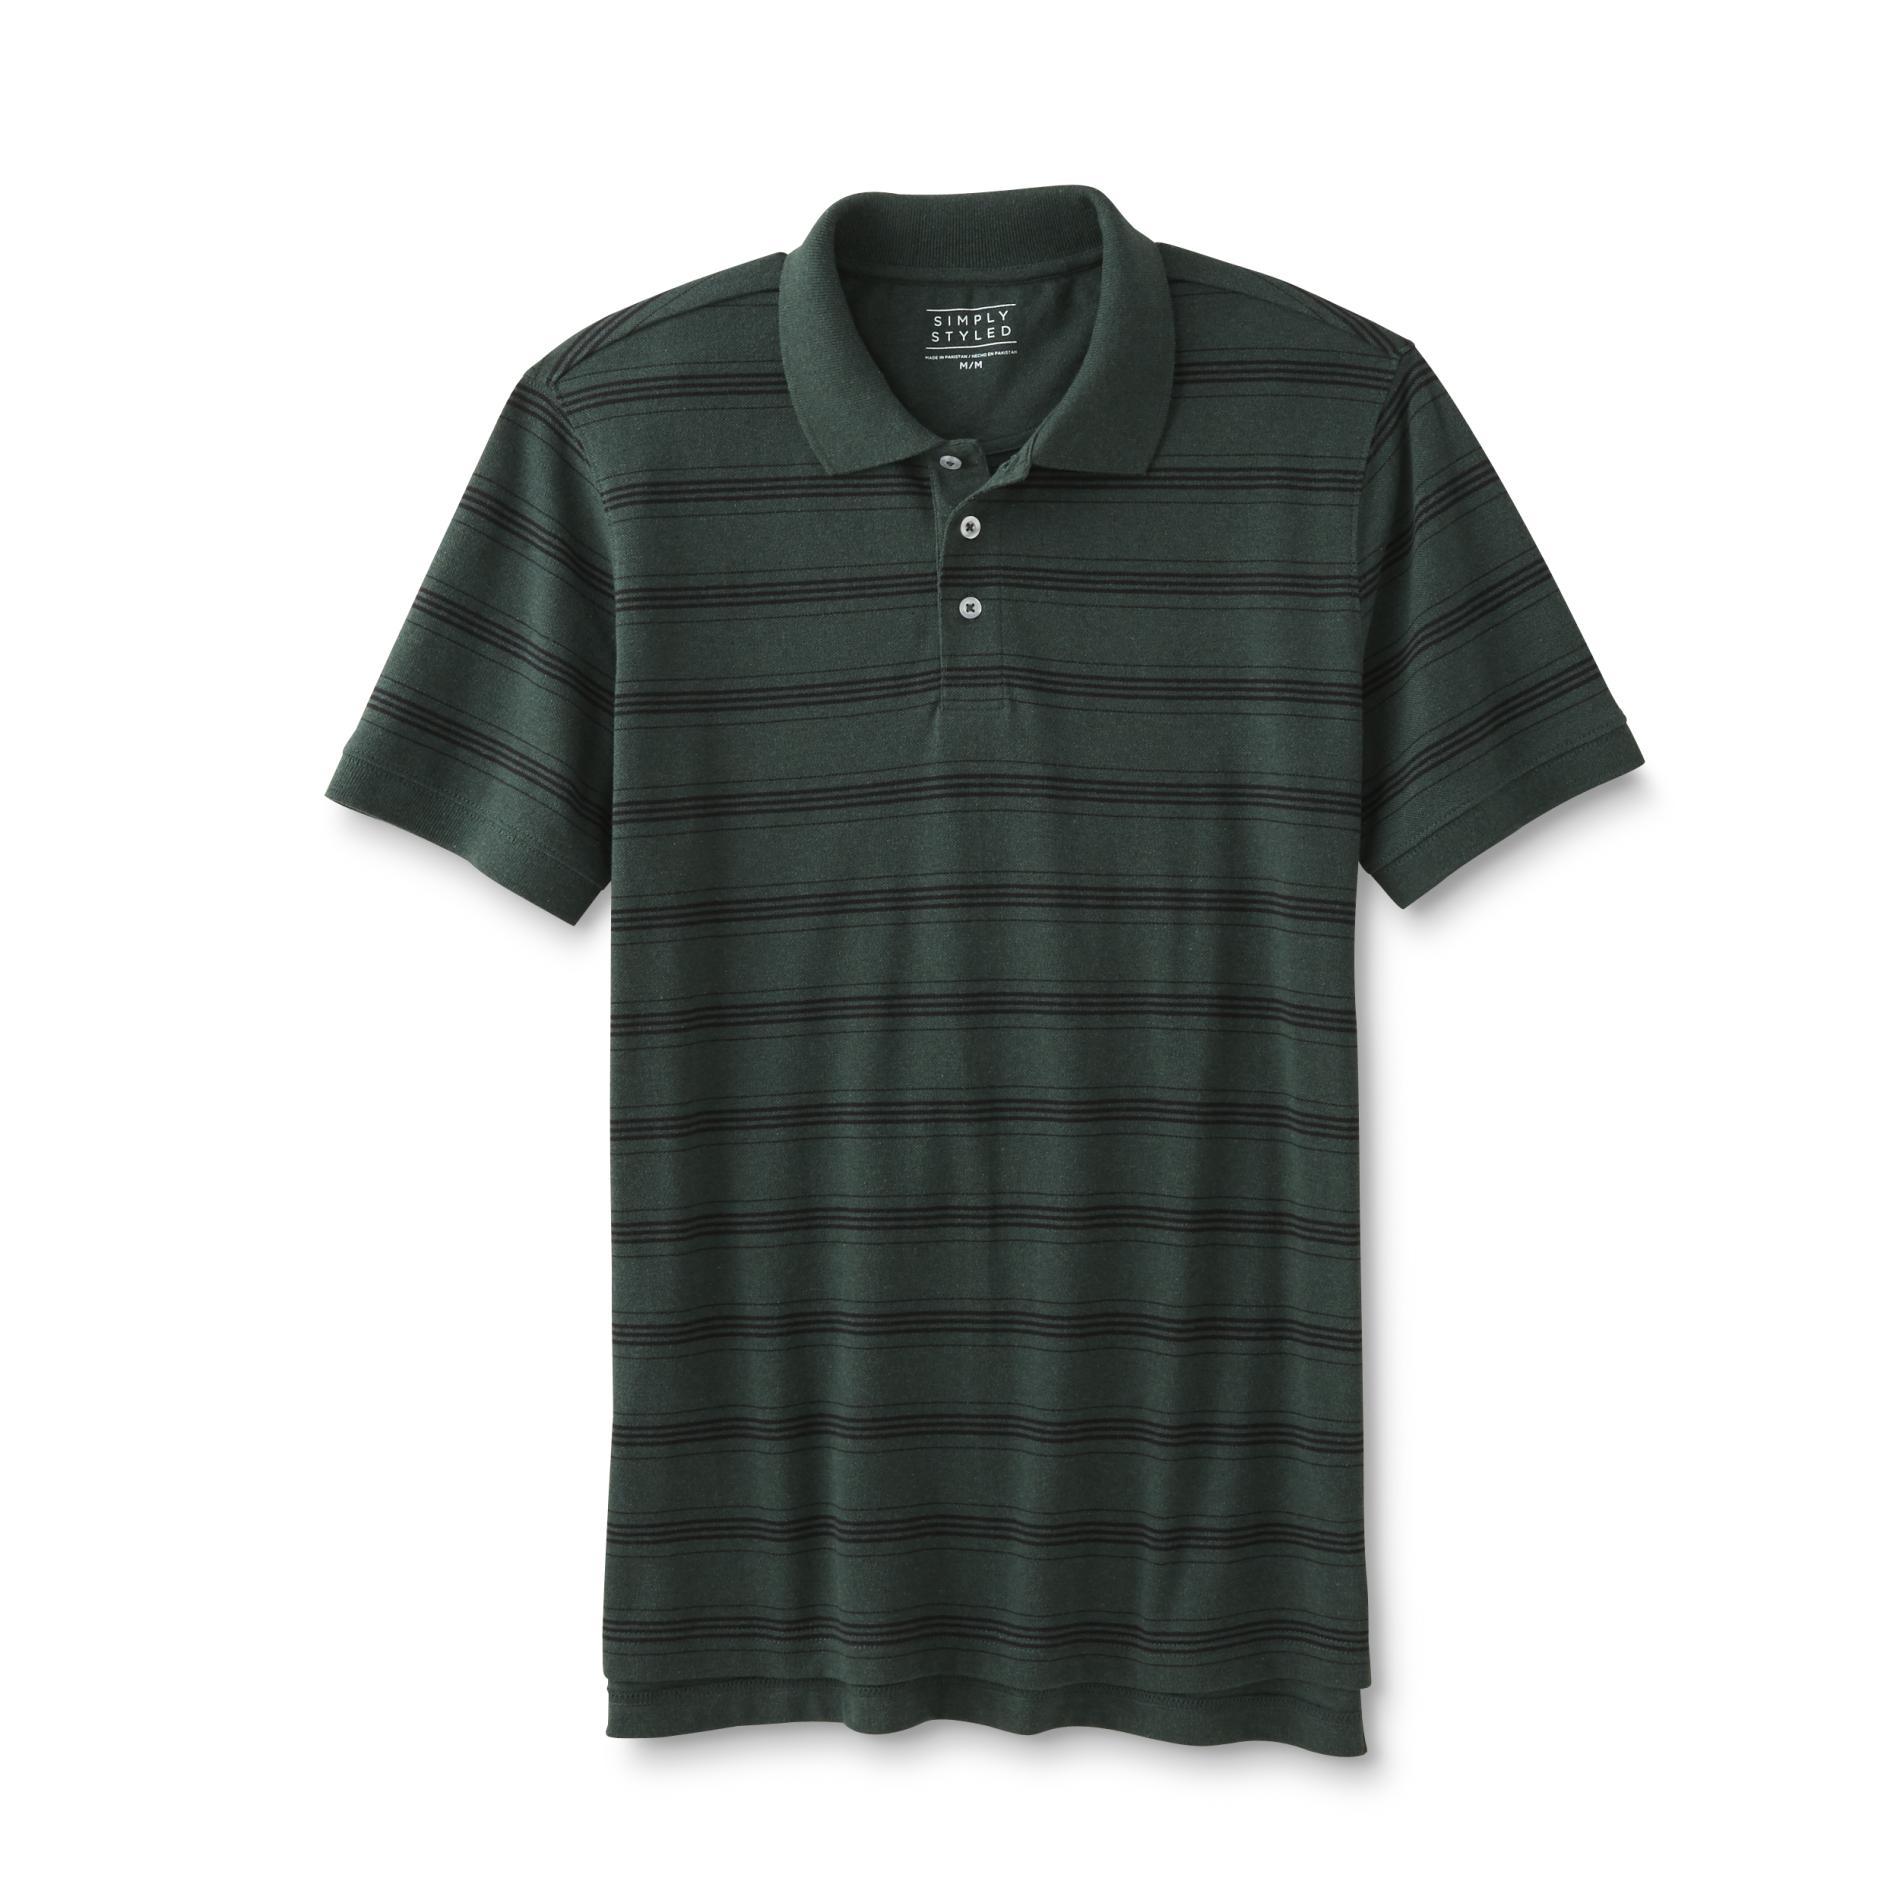 Men's Polo Shirt - Striped